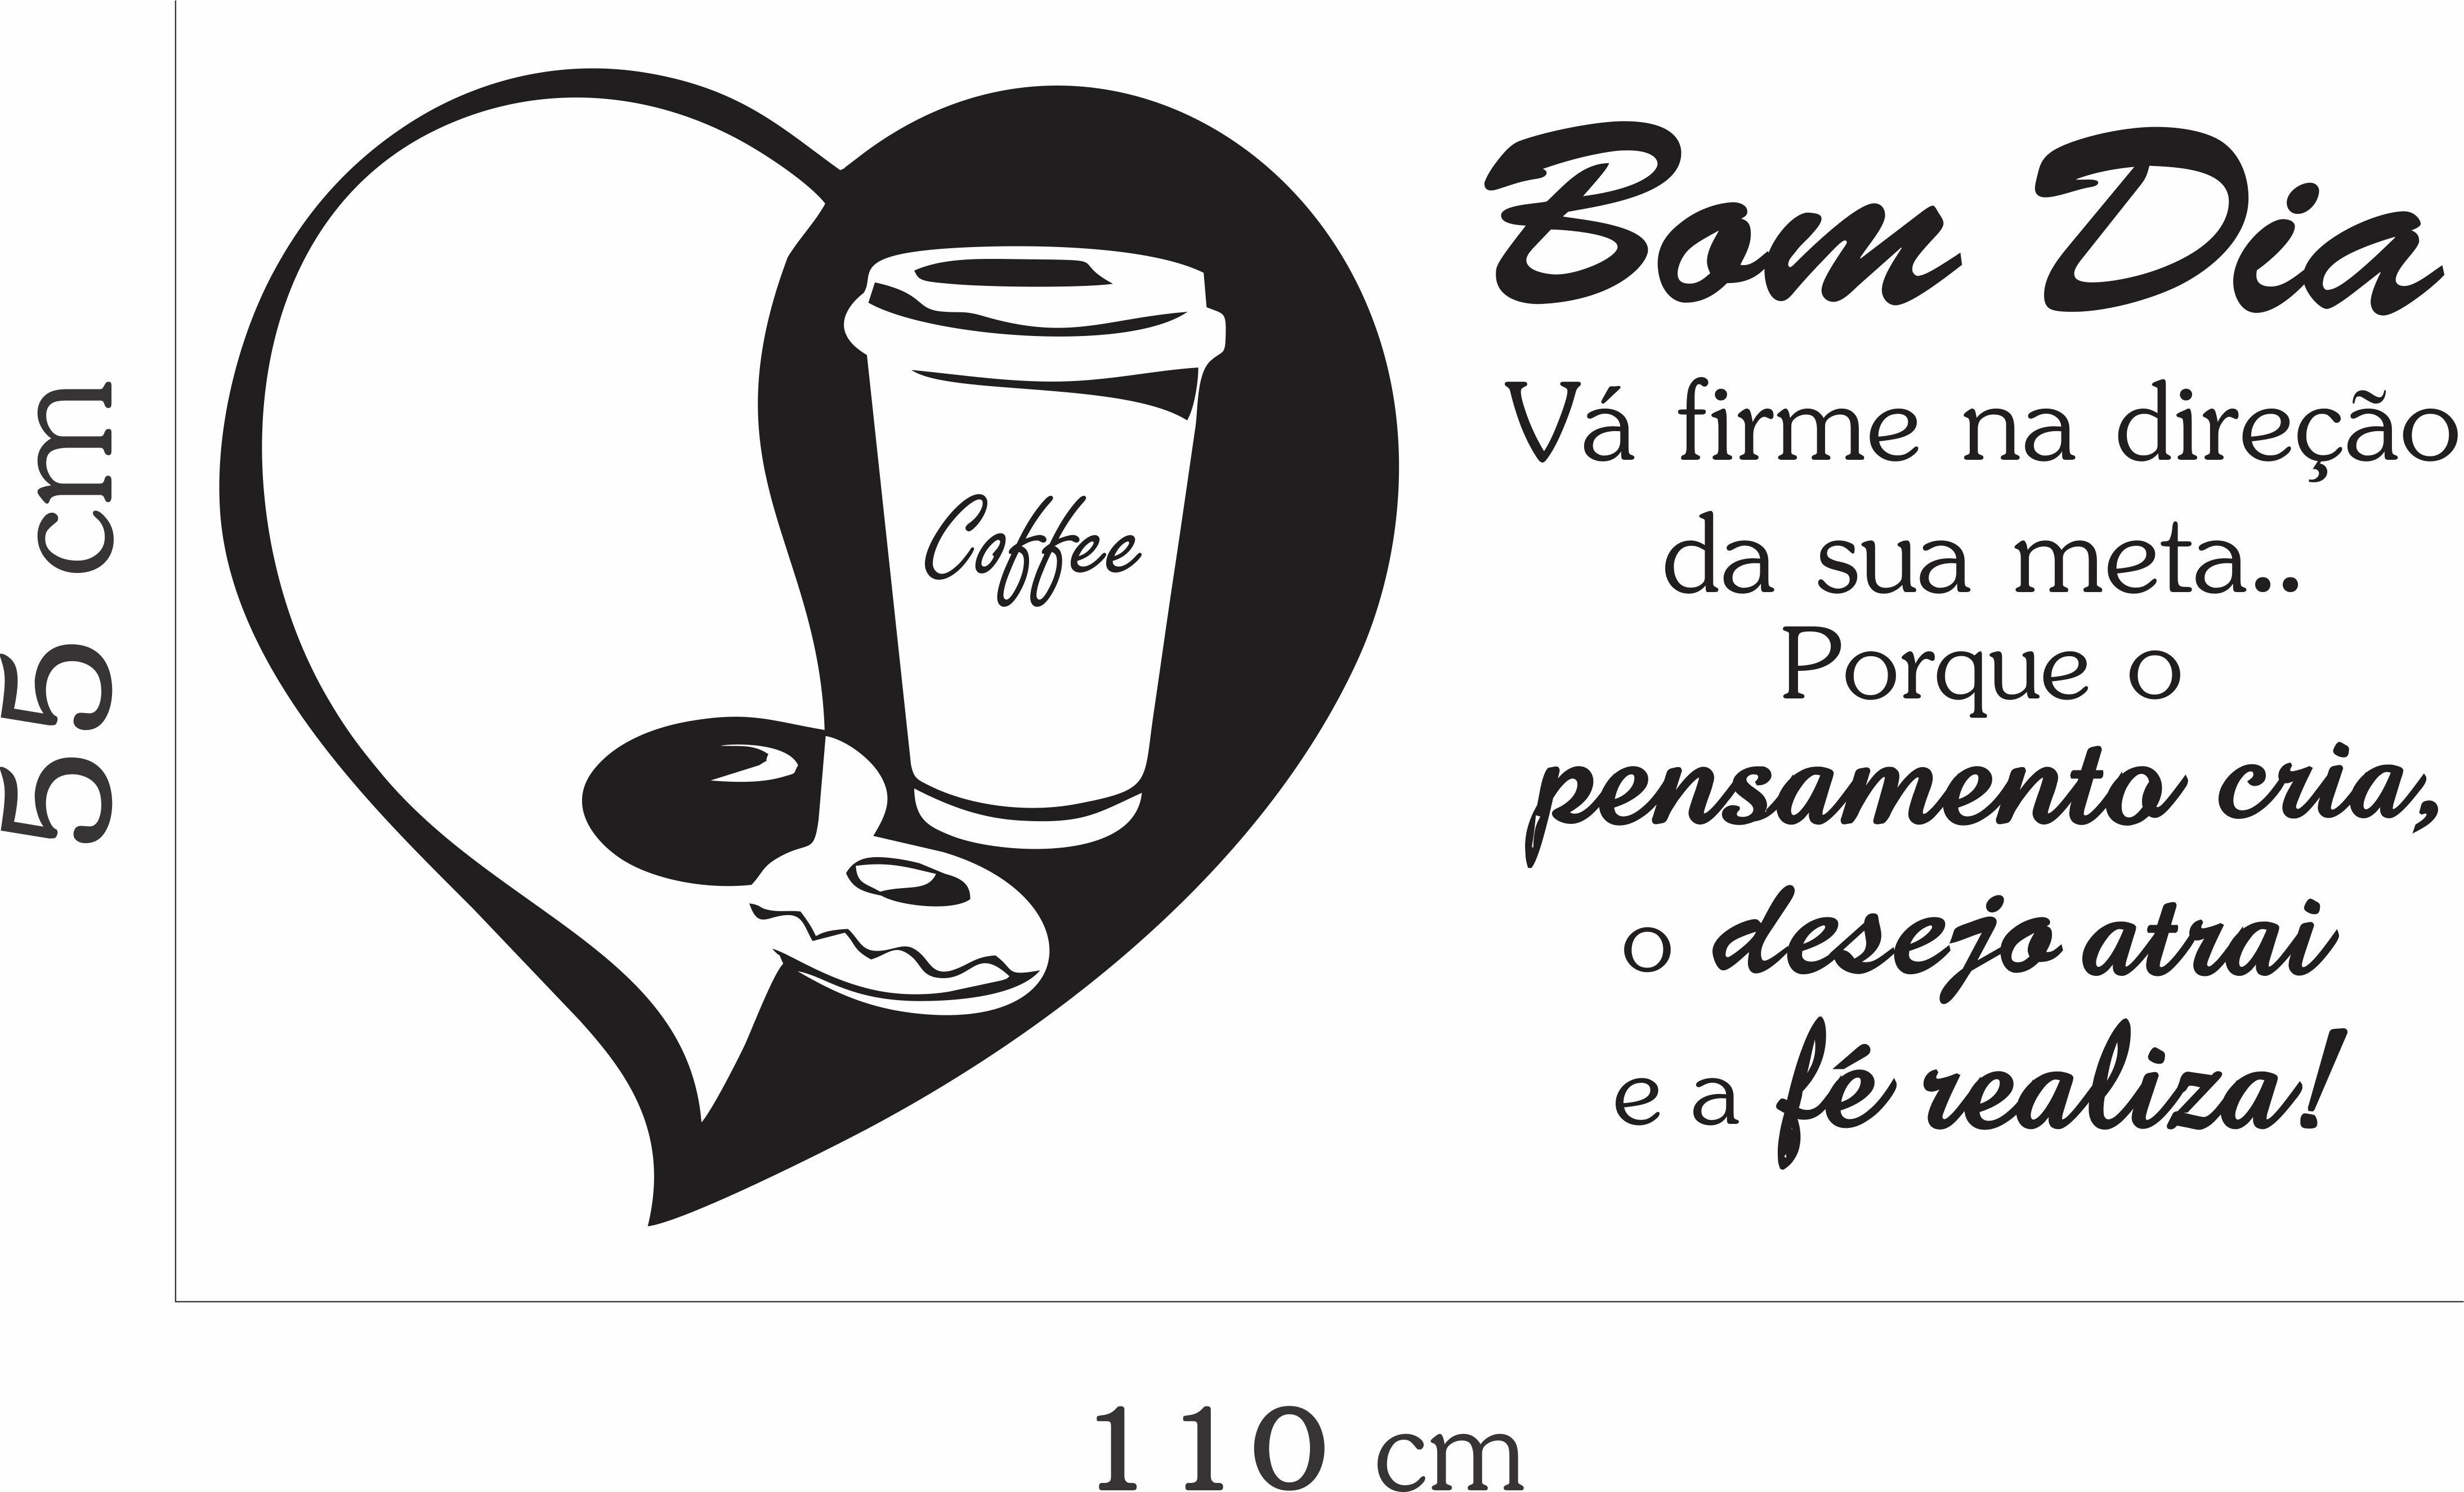 Adesivo Parede Café Frases Bom Dia Coffe No Elo7 Inove Brindes